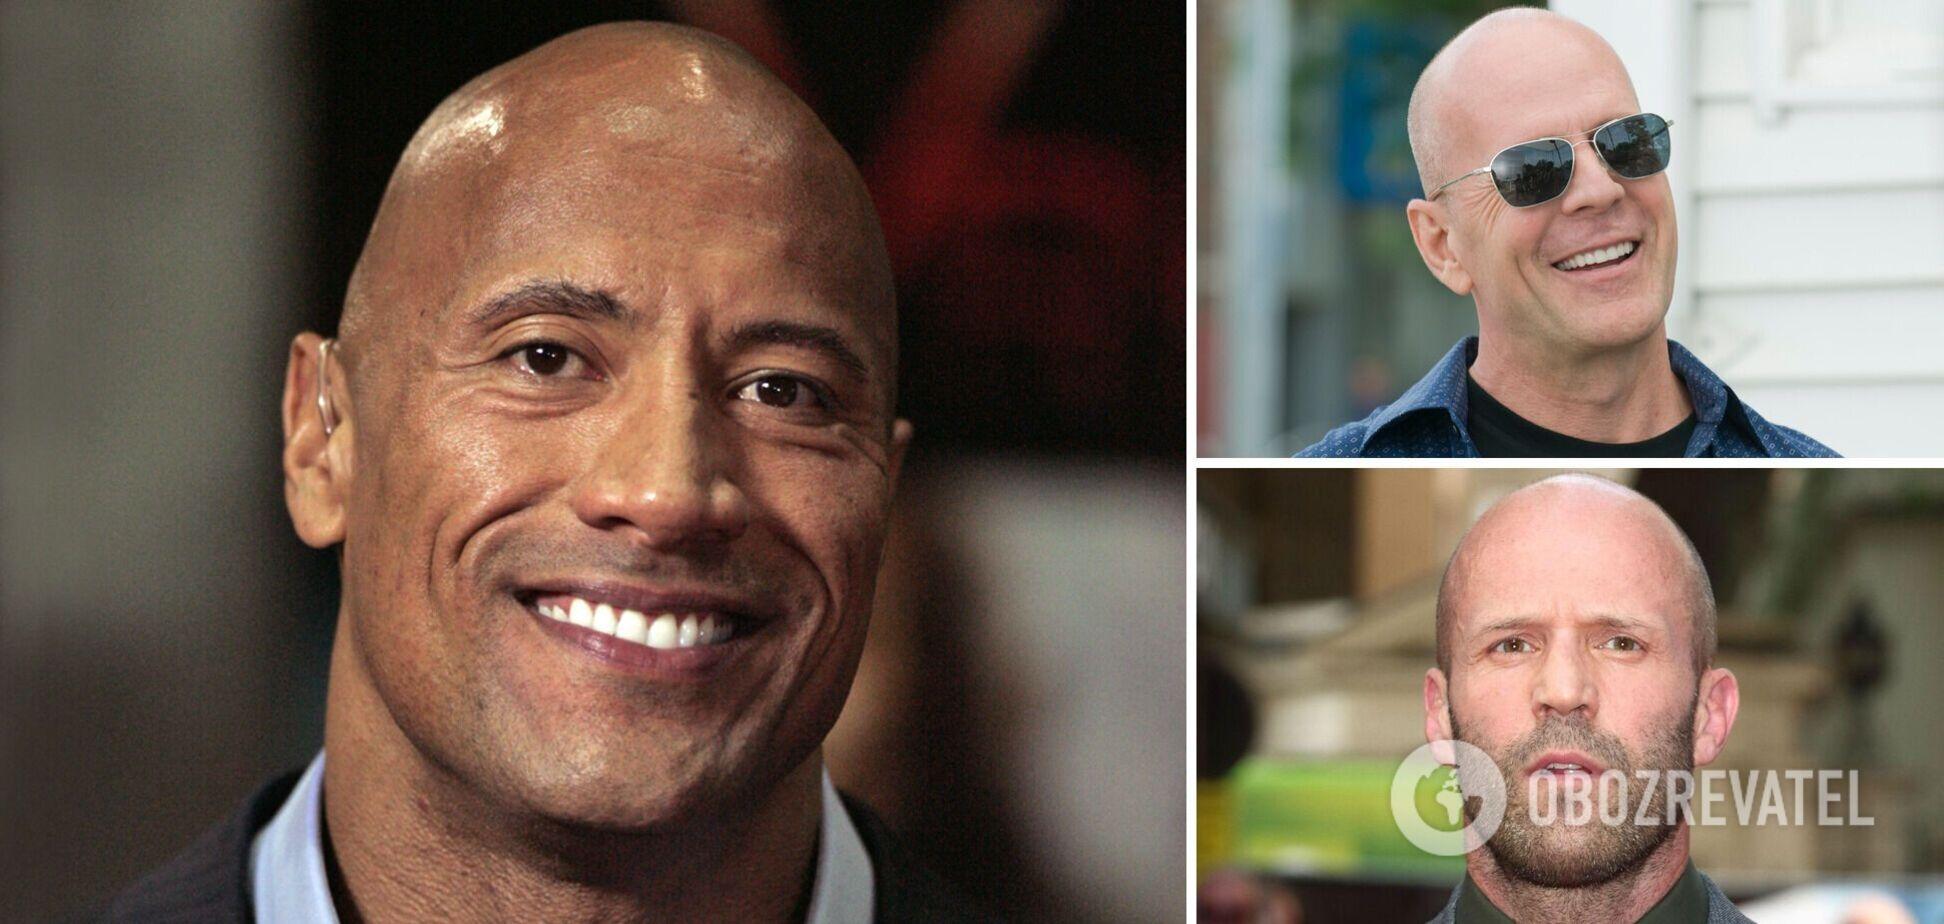 Уиллис, Стэтхэм, Джонсон и другие: как лысые голливудские звезды выглядели до популярности. Фото